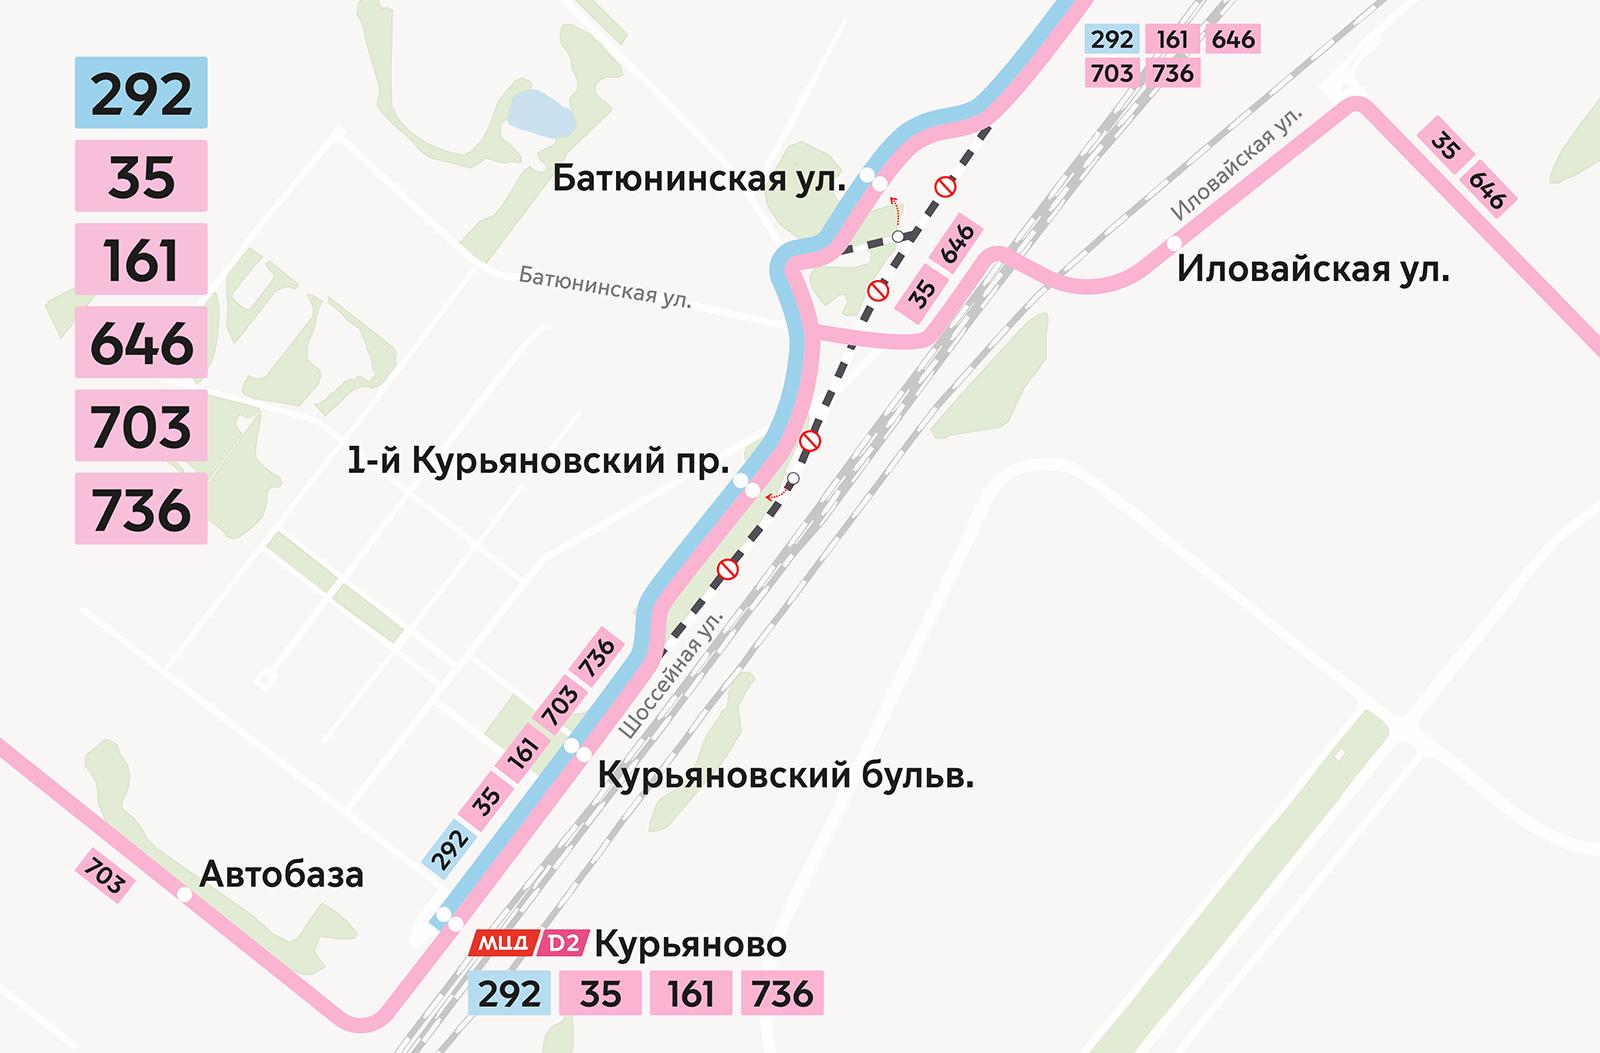 Печатники и Филевский Парк: как изменится работа общественного транспорта в феврале